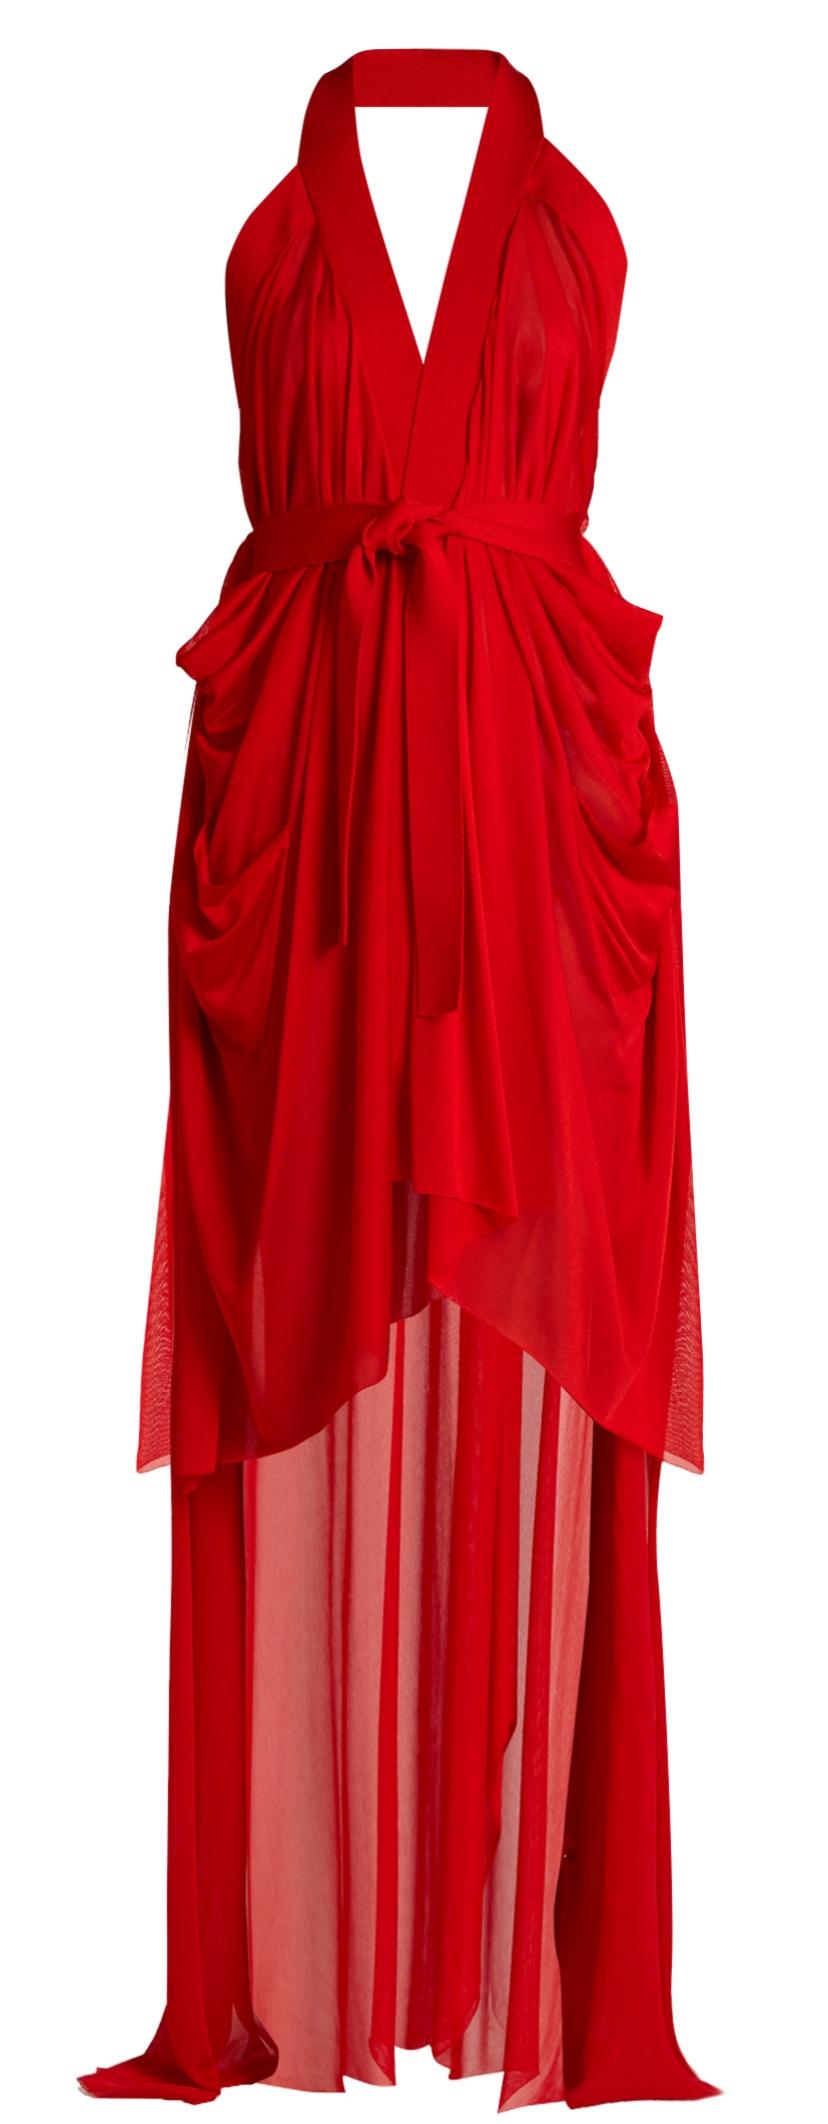 BALMAIN Red Jersey Tank Dress, Matches $1,495